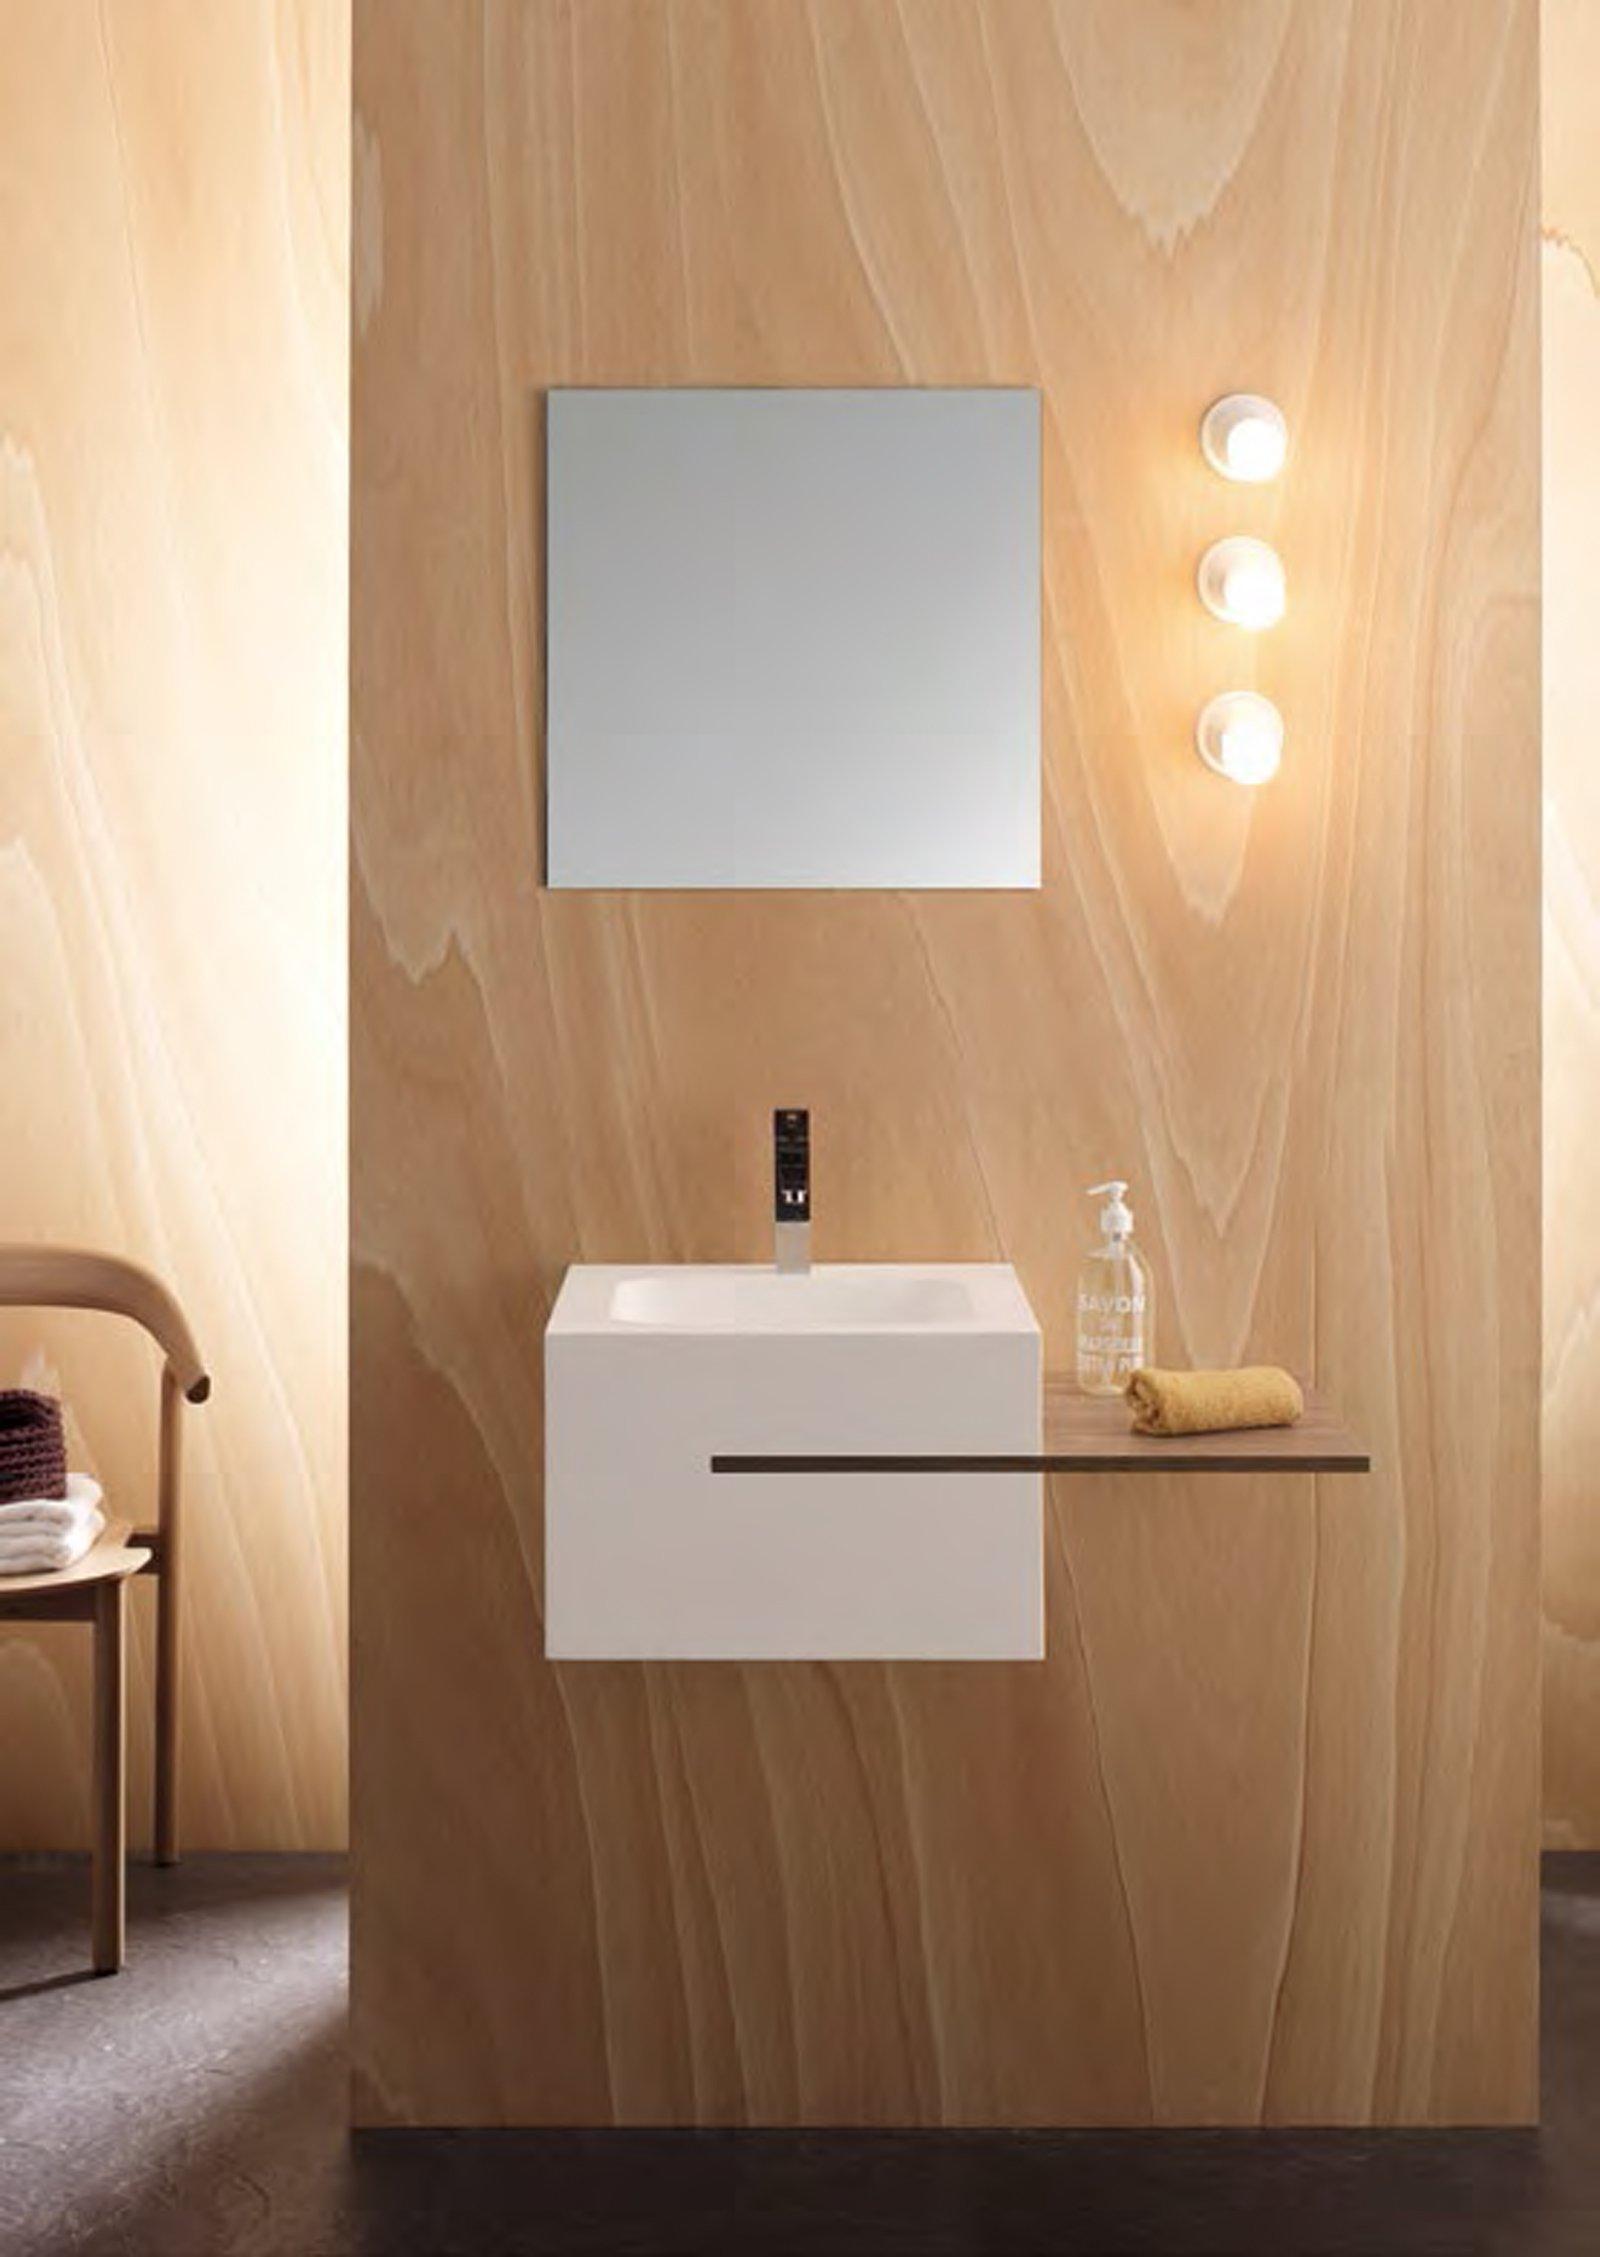 Mobili lavabo piccoli per risparmiare centimetri preziosi cose di casa - Mobili bagno piccoli ...